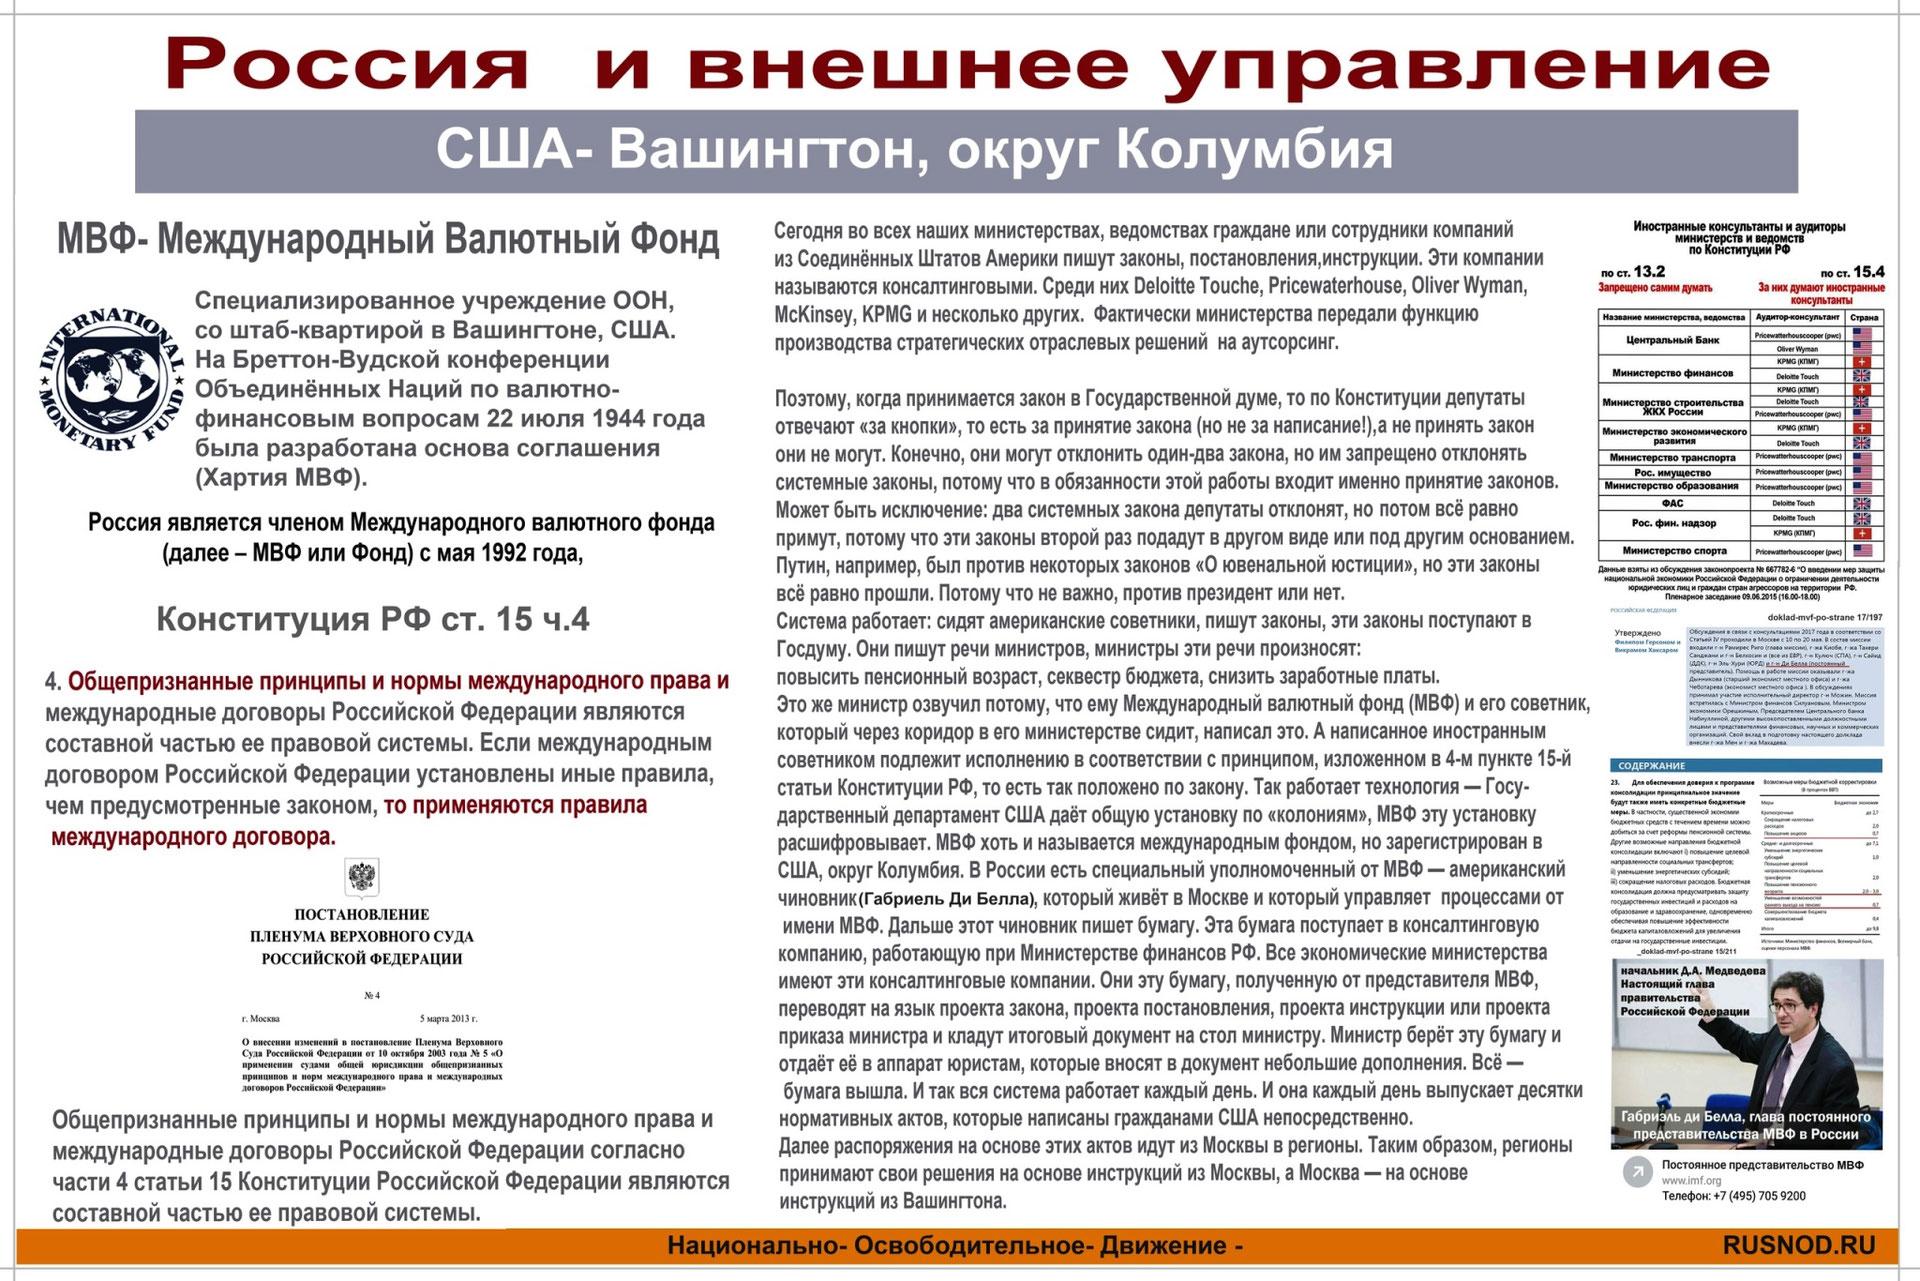 кредит россии от мвф когда давать в долг по лунному календарю